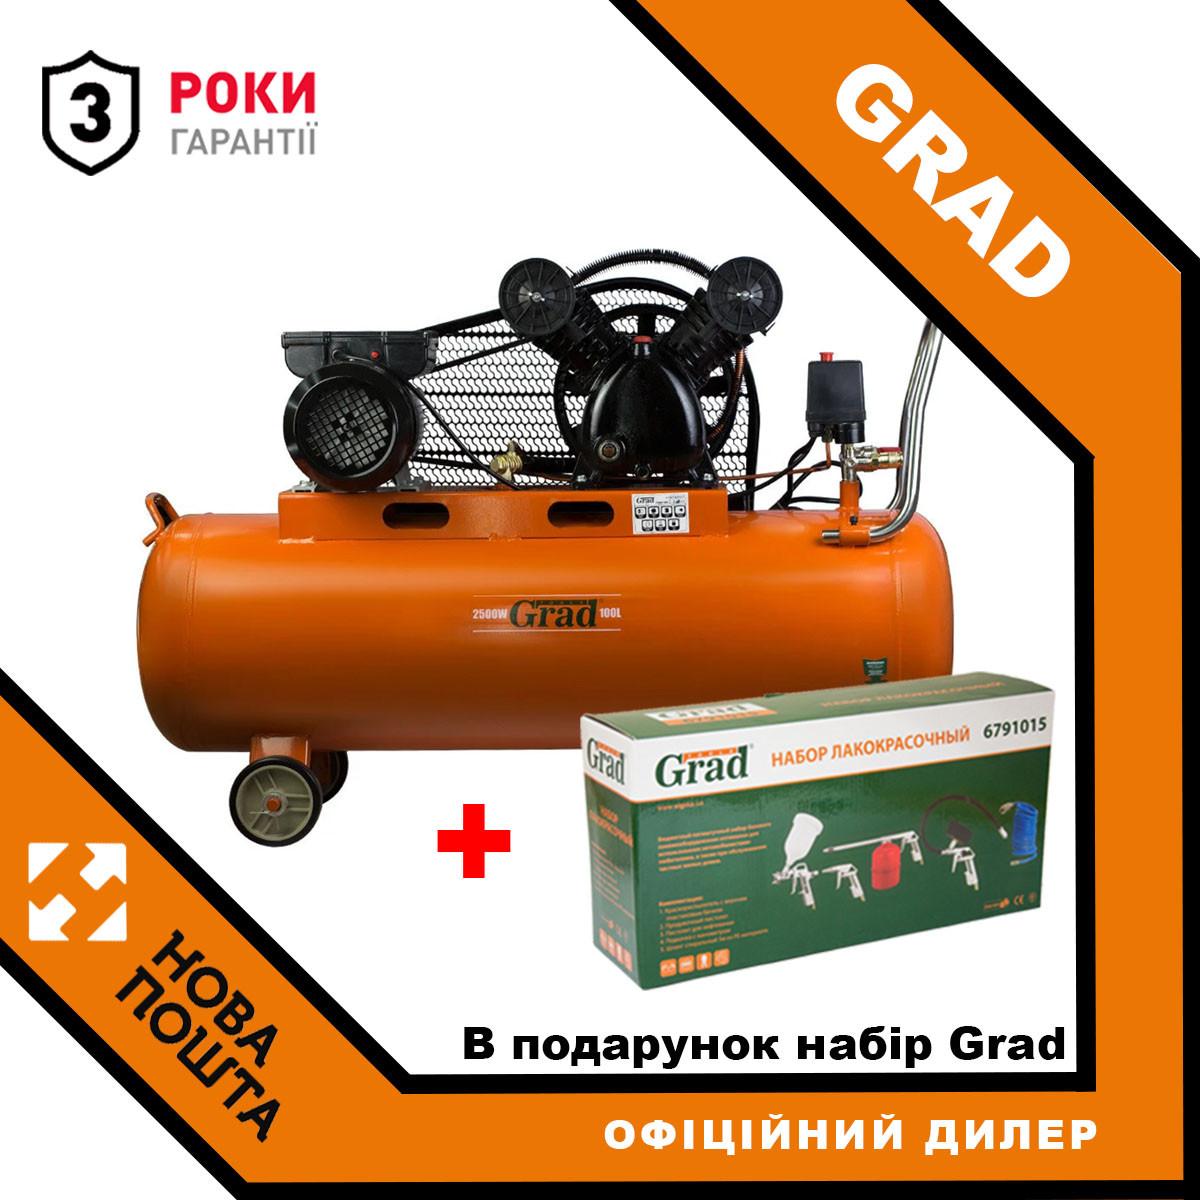 Компрессор ременной V 2.5кВт 100л (2 крана) Grad (7044185) + Набор лакокрасочный 5шт с в/б GRAD